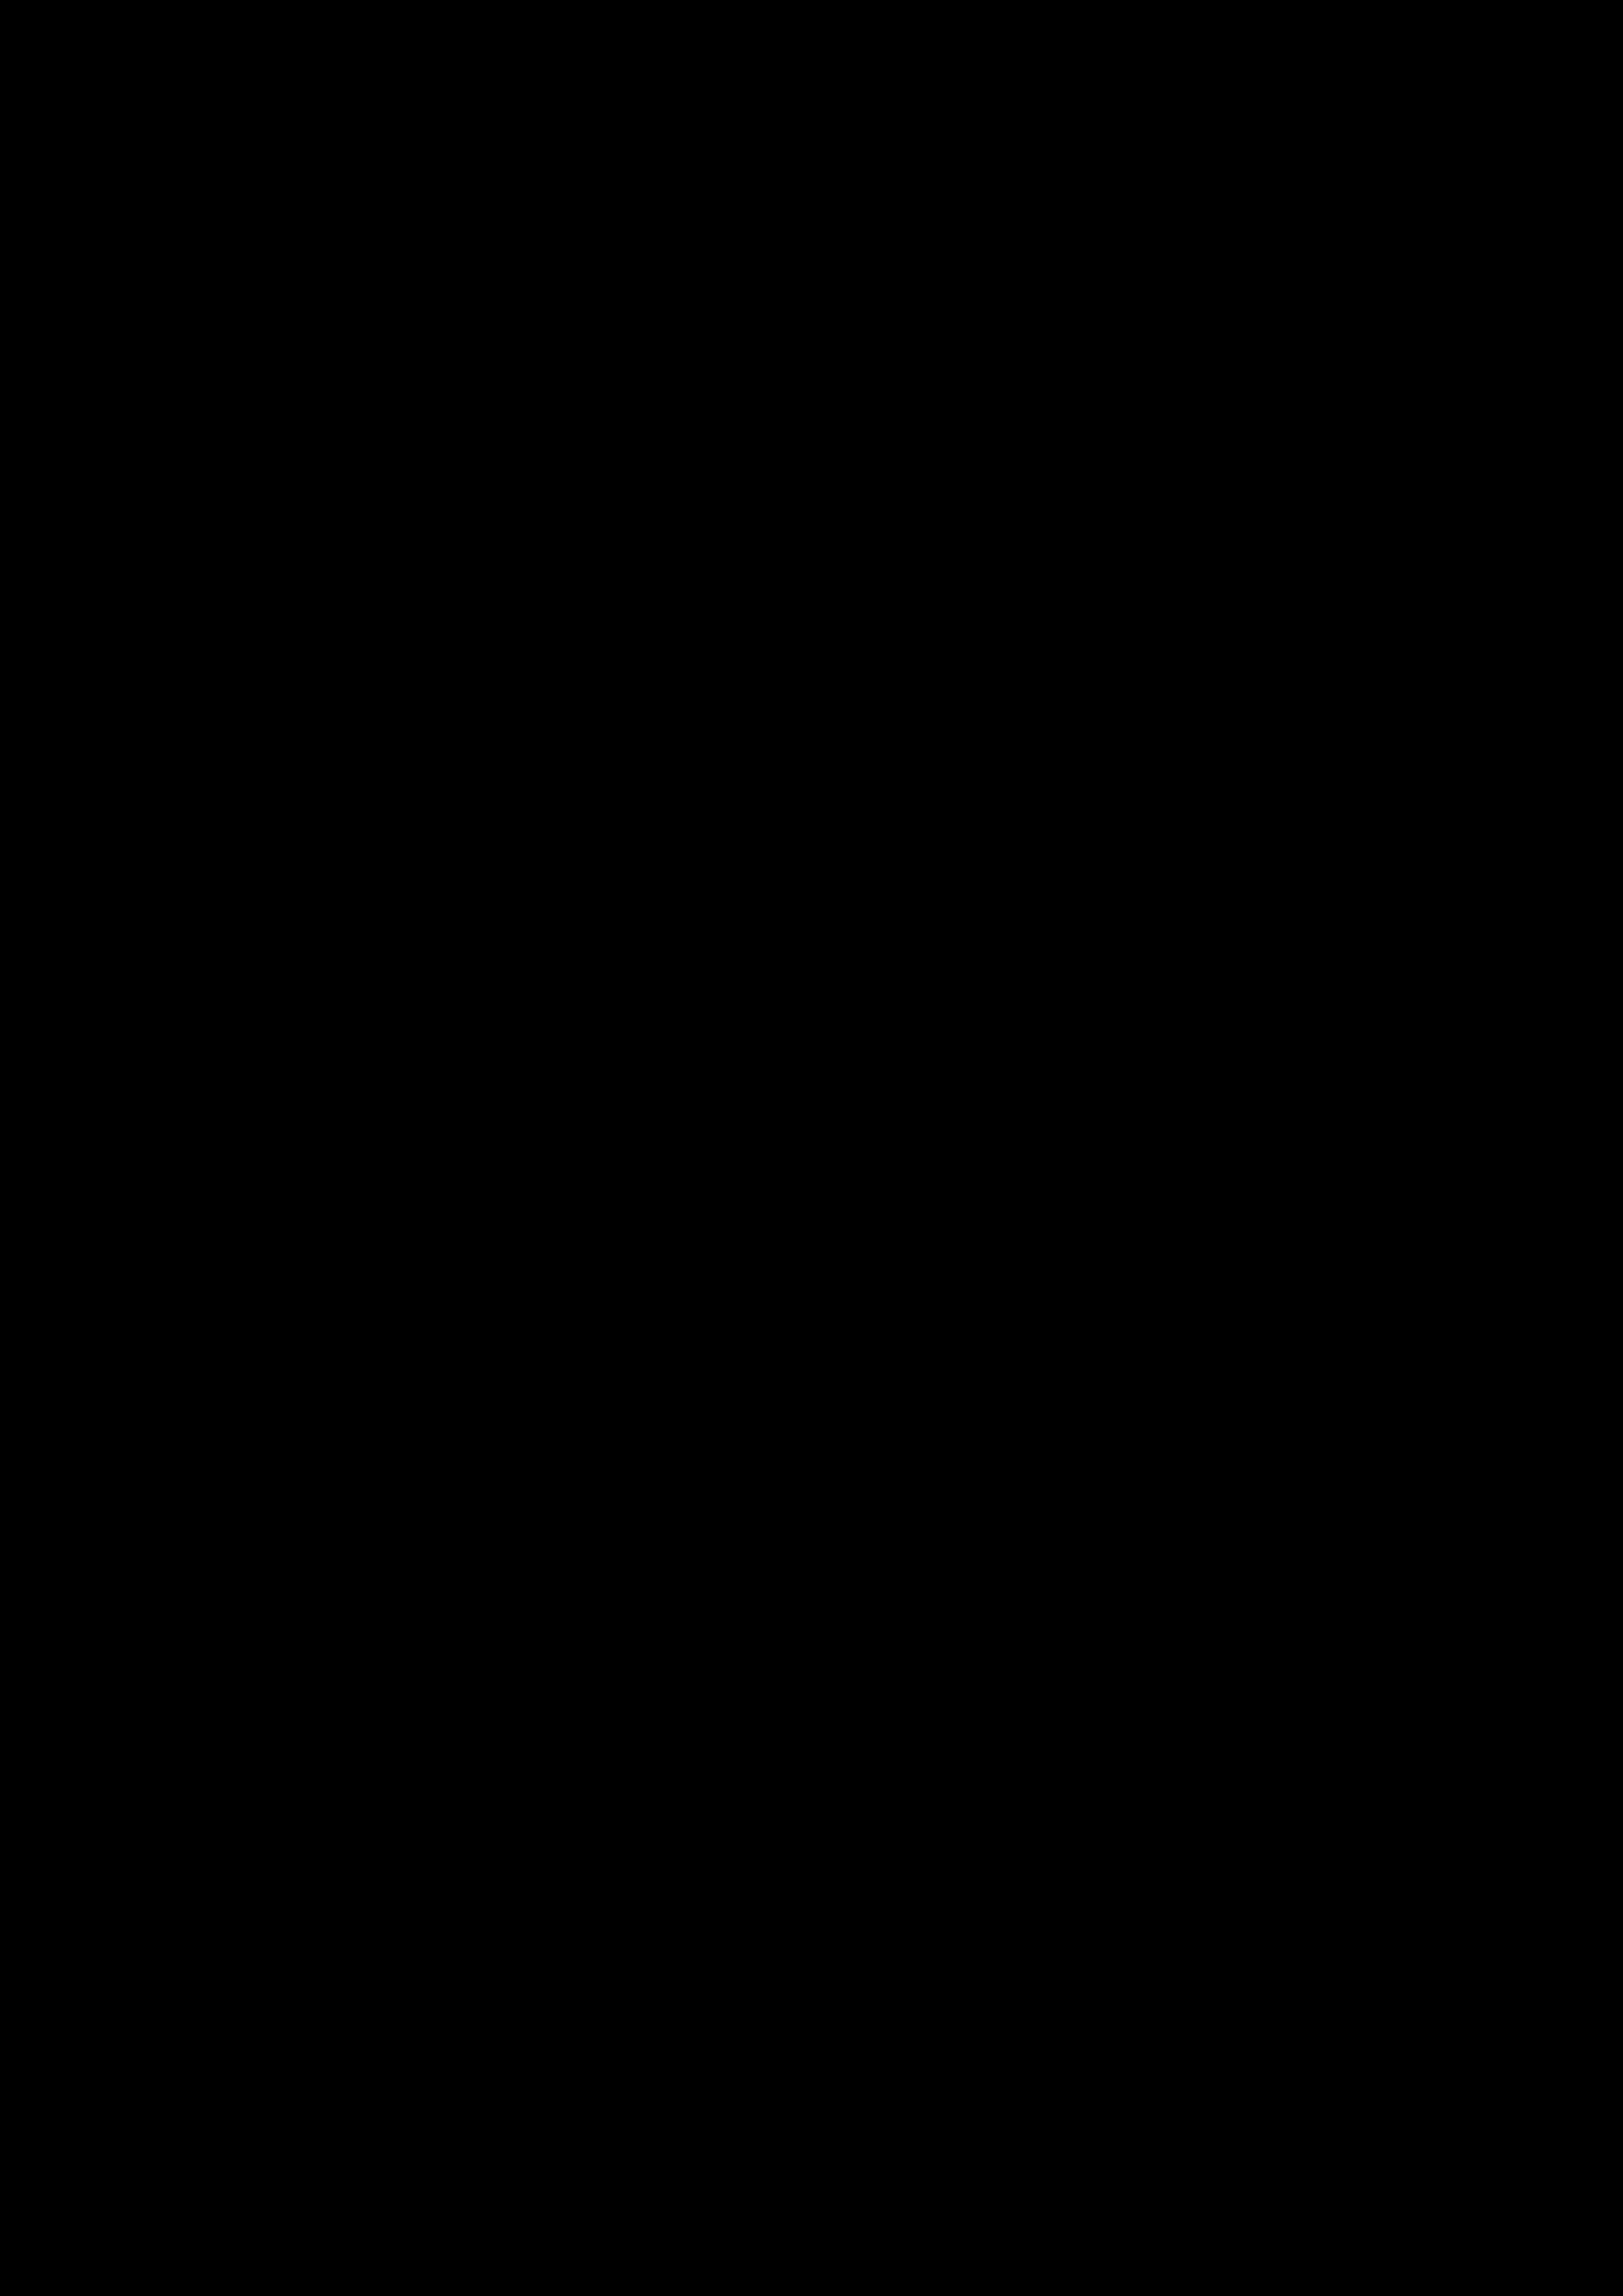 Escalas Menores Naturales Armónicas Y Melódicas Escala Menor Partituras Melódicas